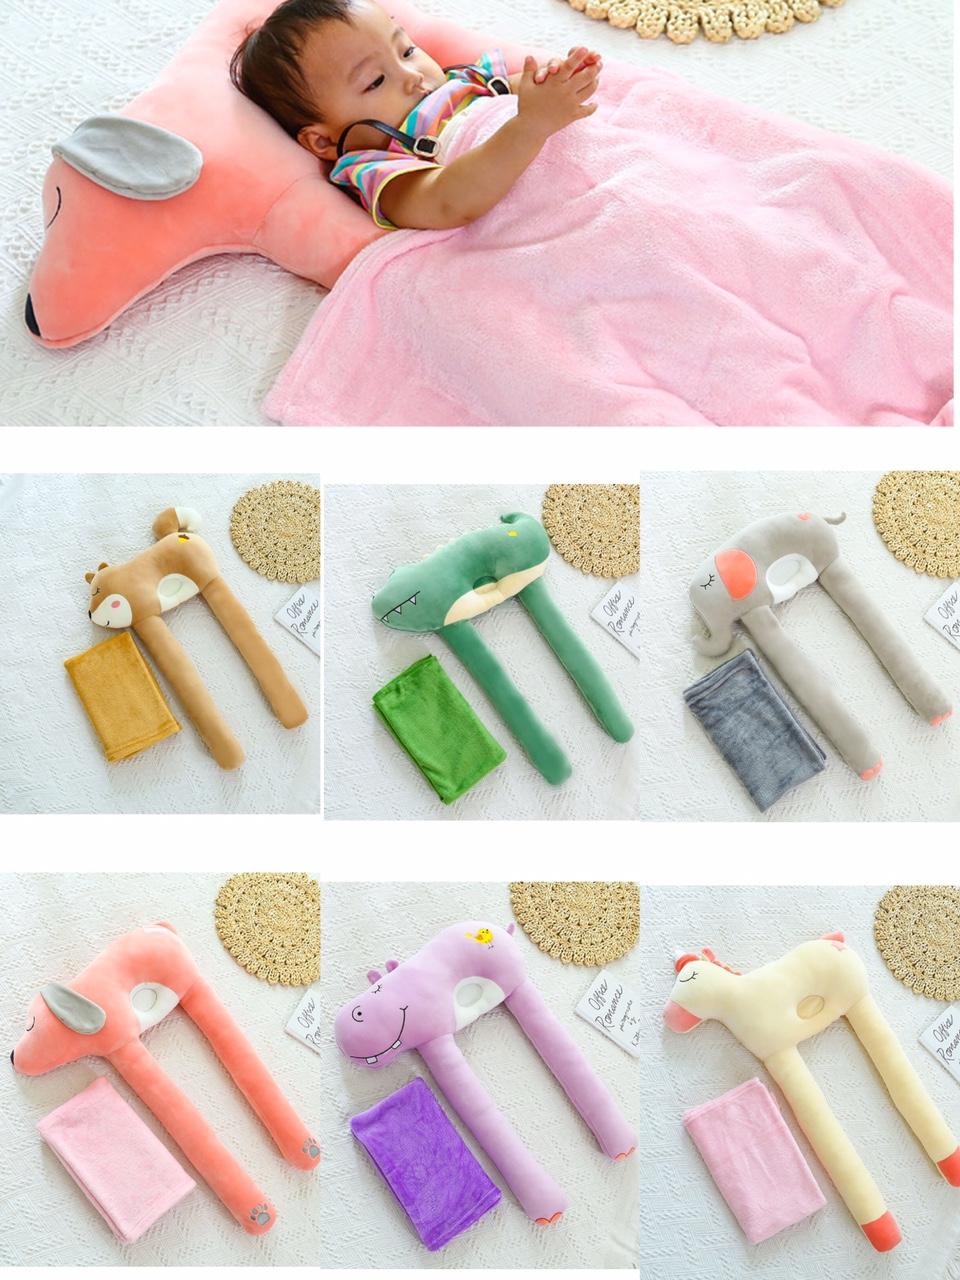 睡觉抱枕靠枕舒适孕妇儿童毯子一体毛绒玩具礼物玩偶动物厂家批发